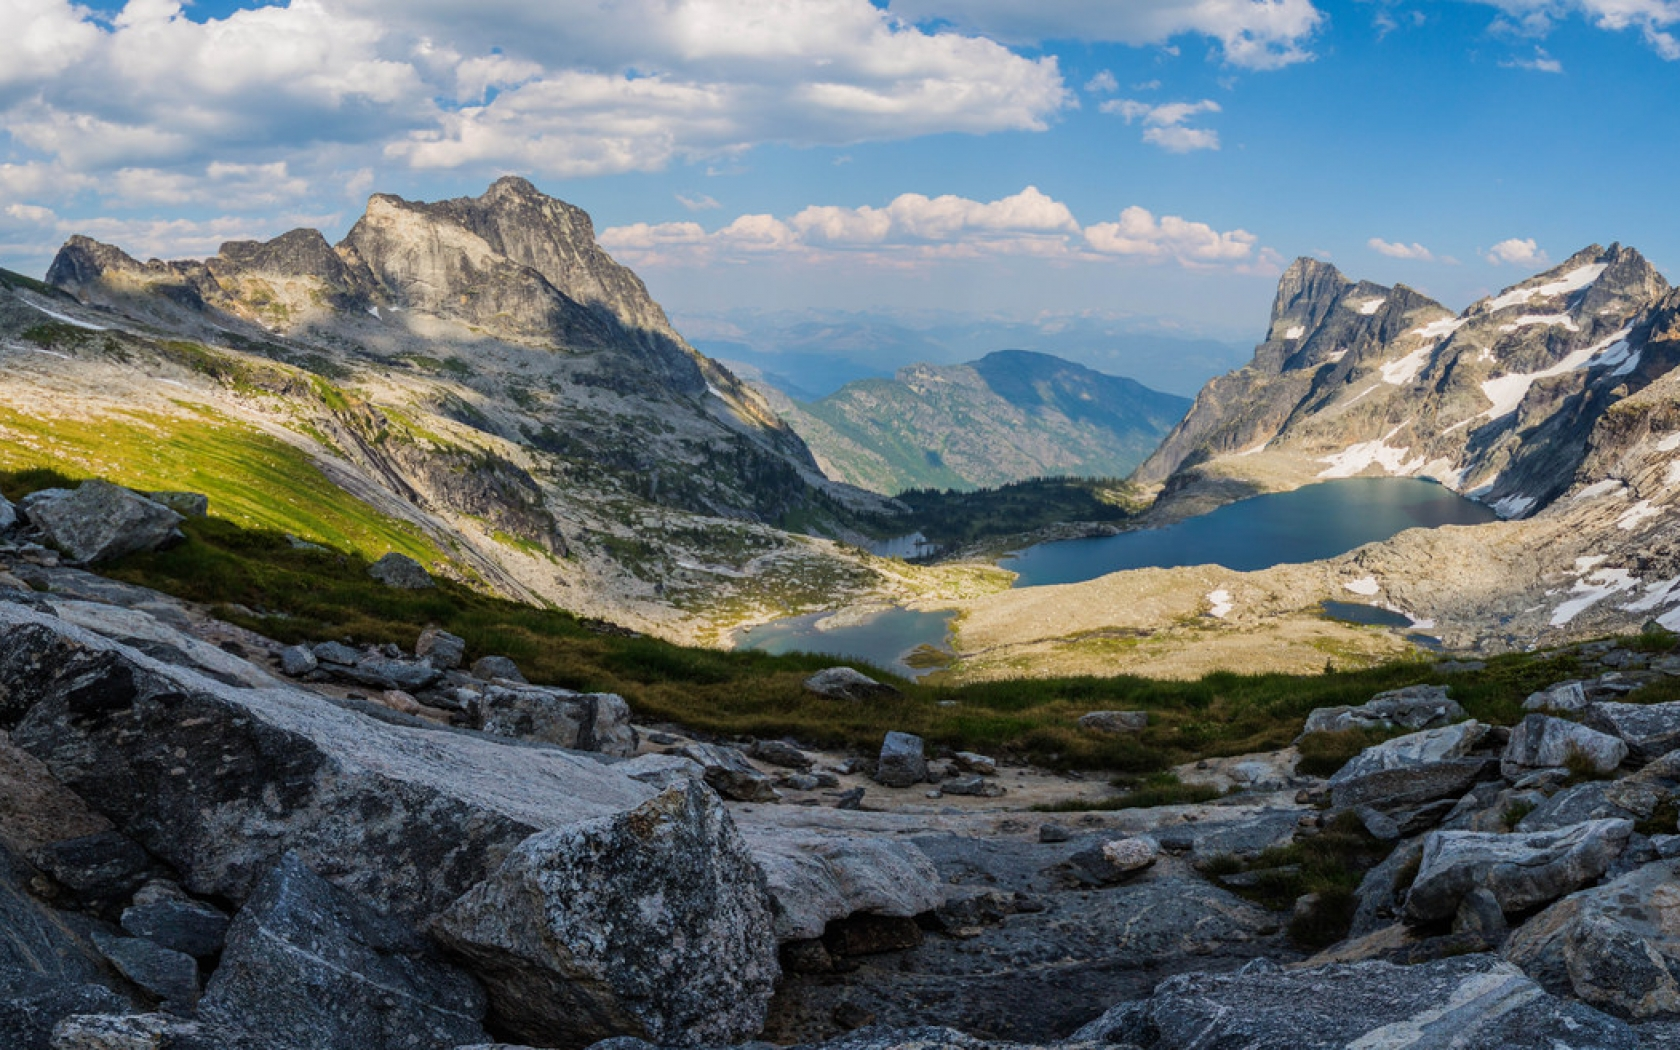 Panorámica de Montañas y lagos - 1680x1050